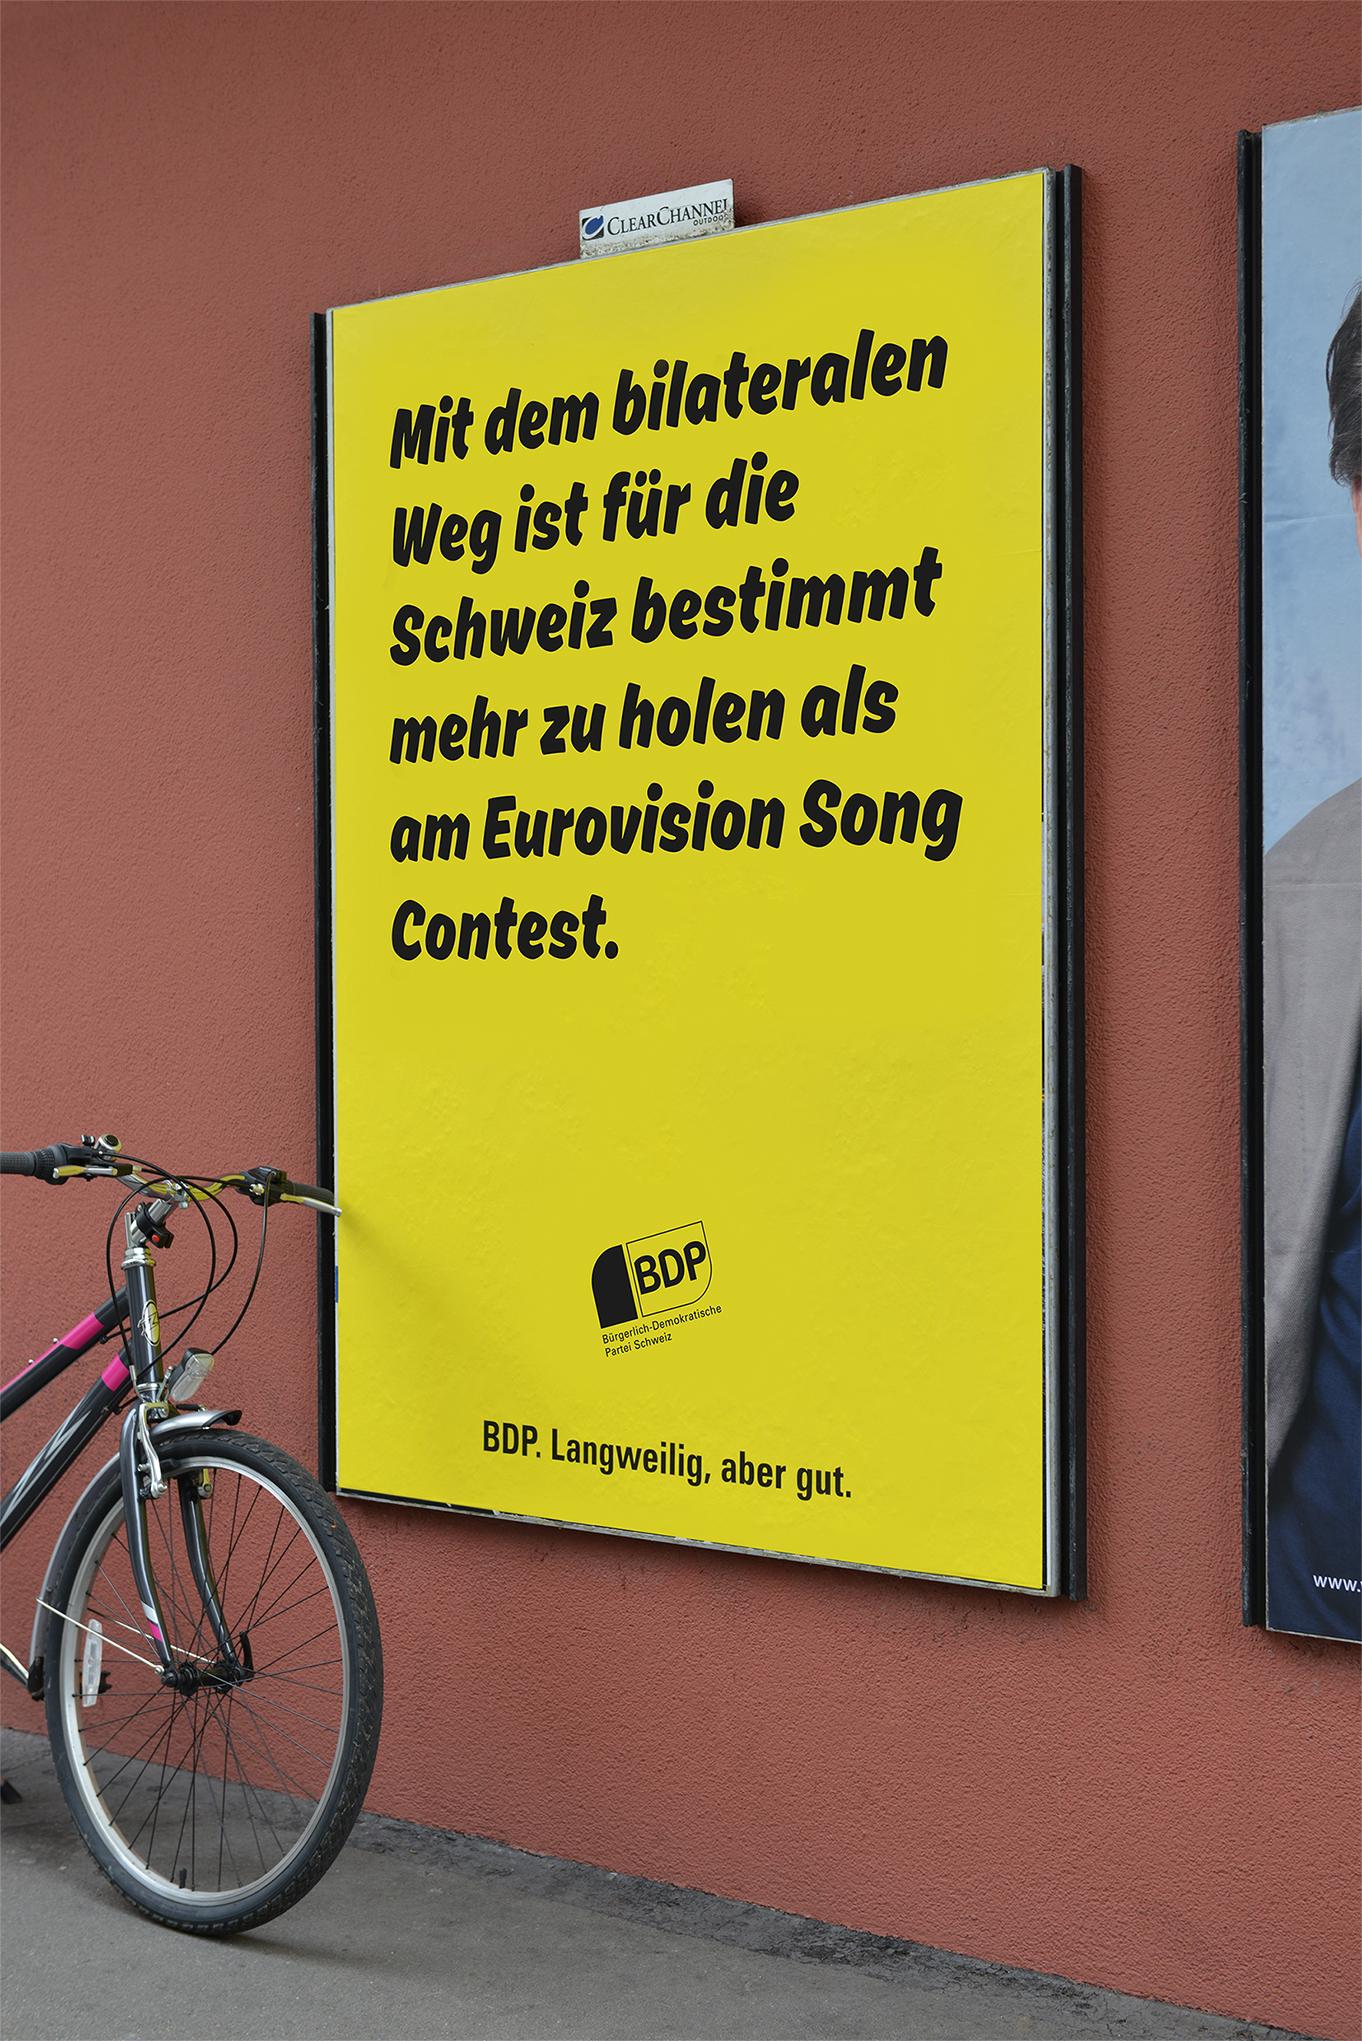 Eurovision_BDP.jpg